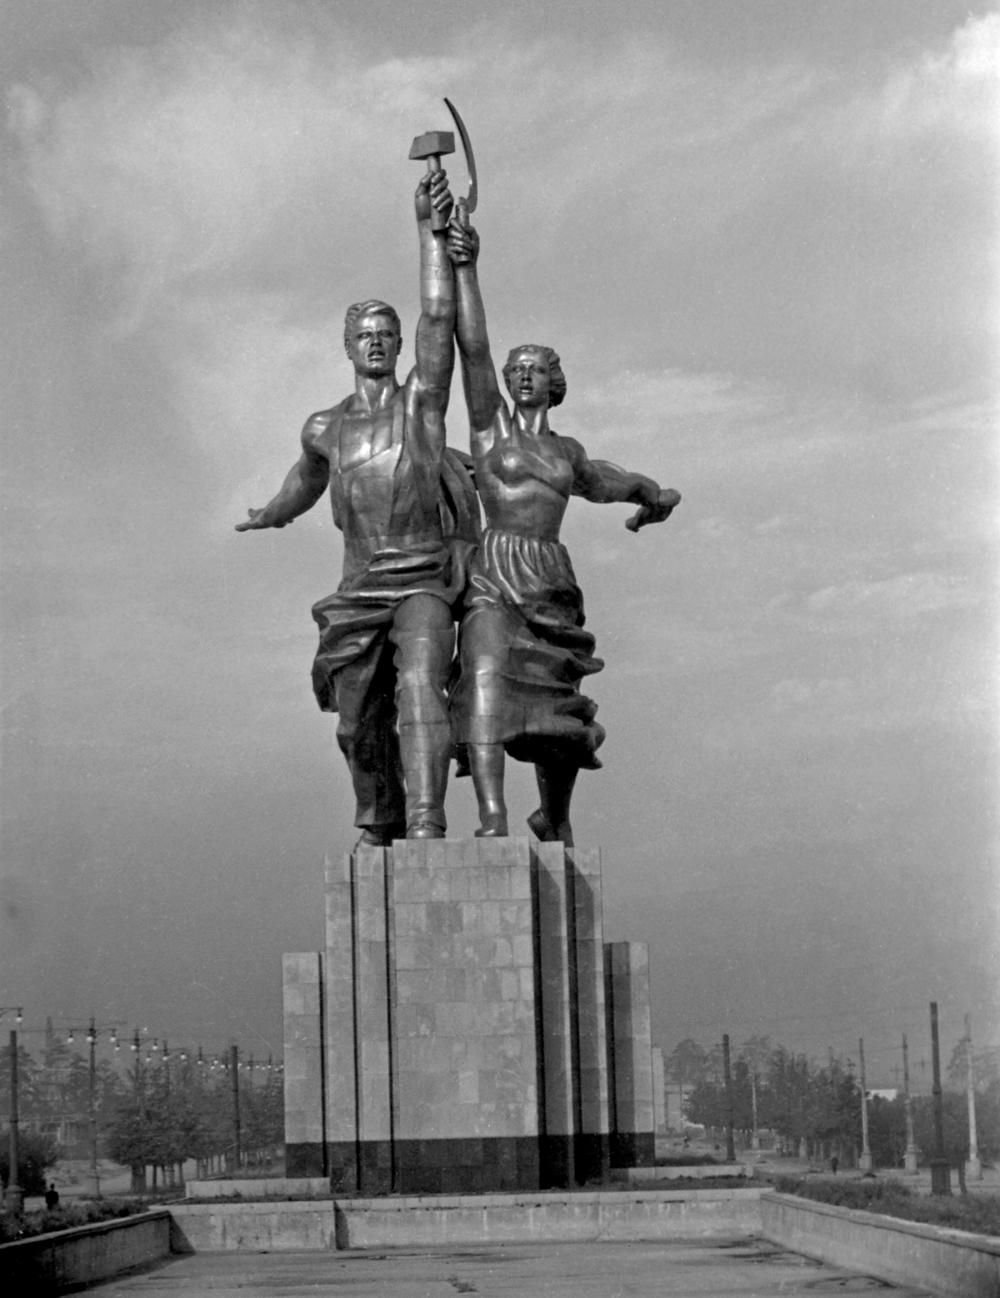 Скульптура «Рабочий и колхозница». Скульптор Вера Мухина. Скульптура создана для советского павильона на Всемирной выставке в Париже в 1937 году.